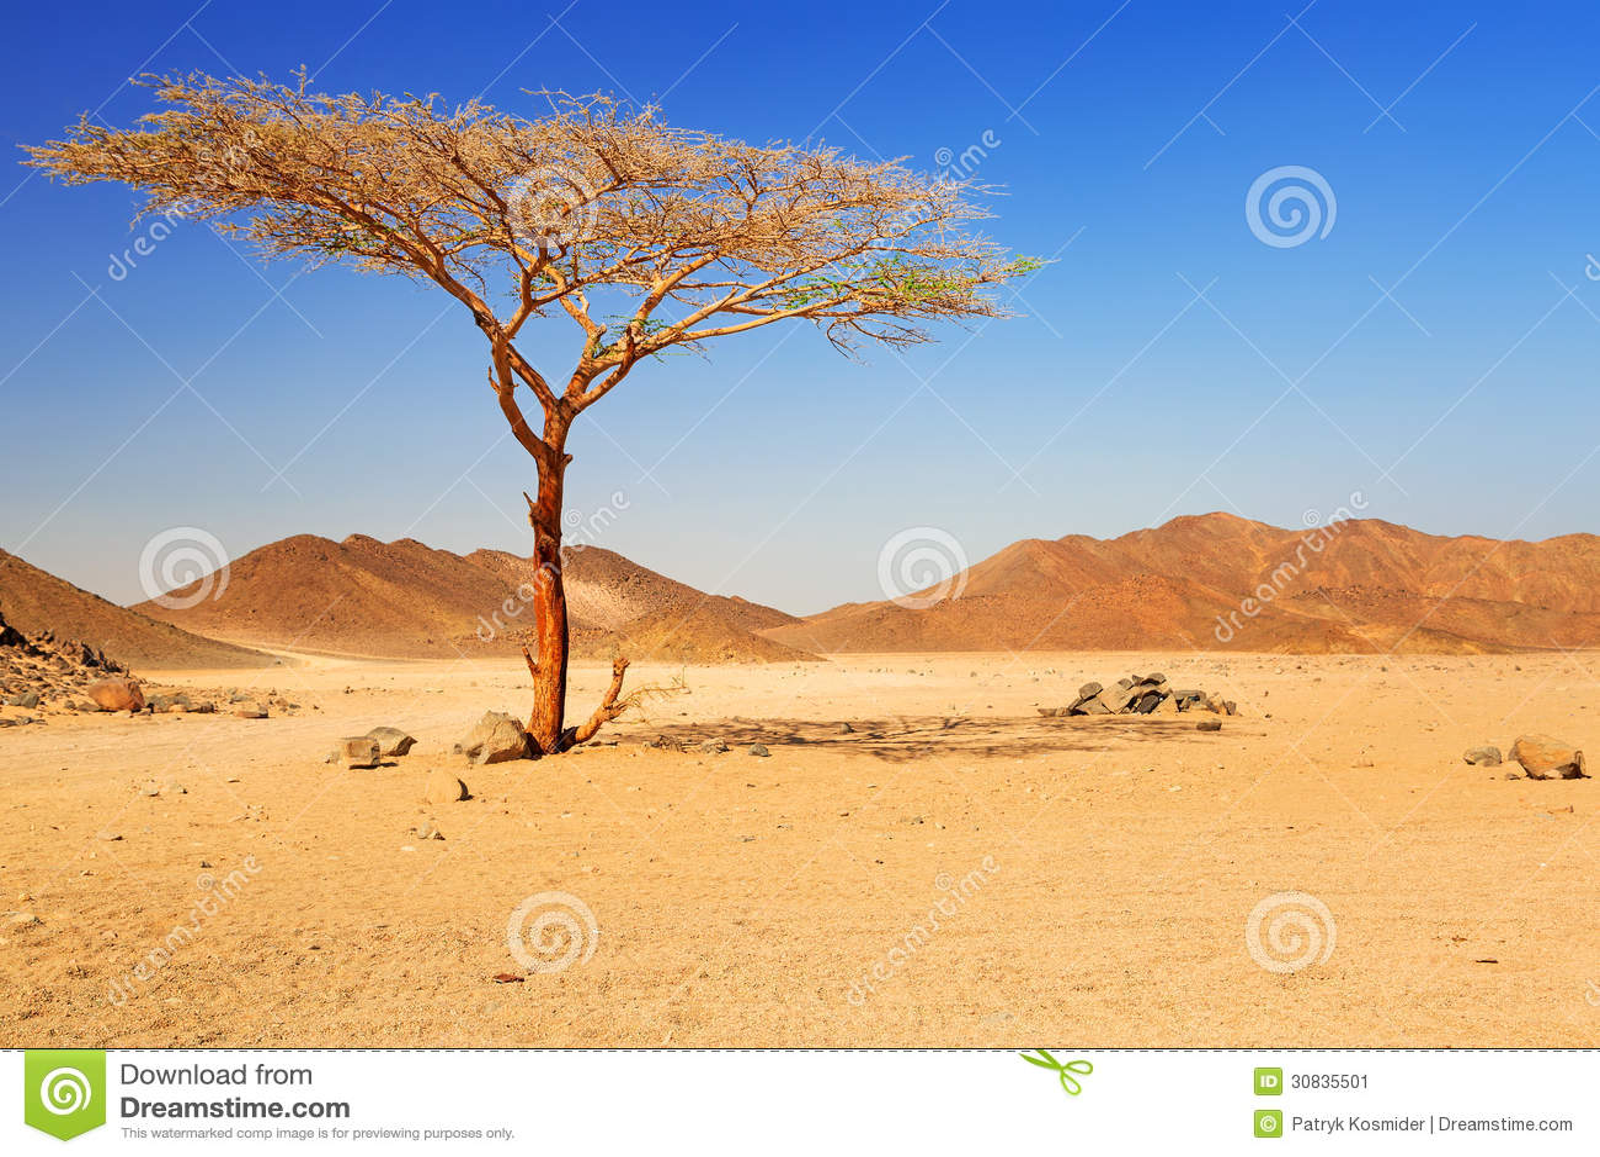 Desert singles